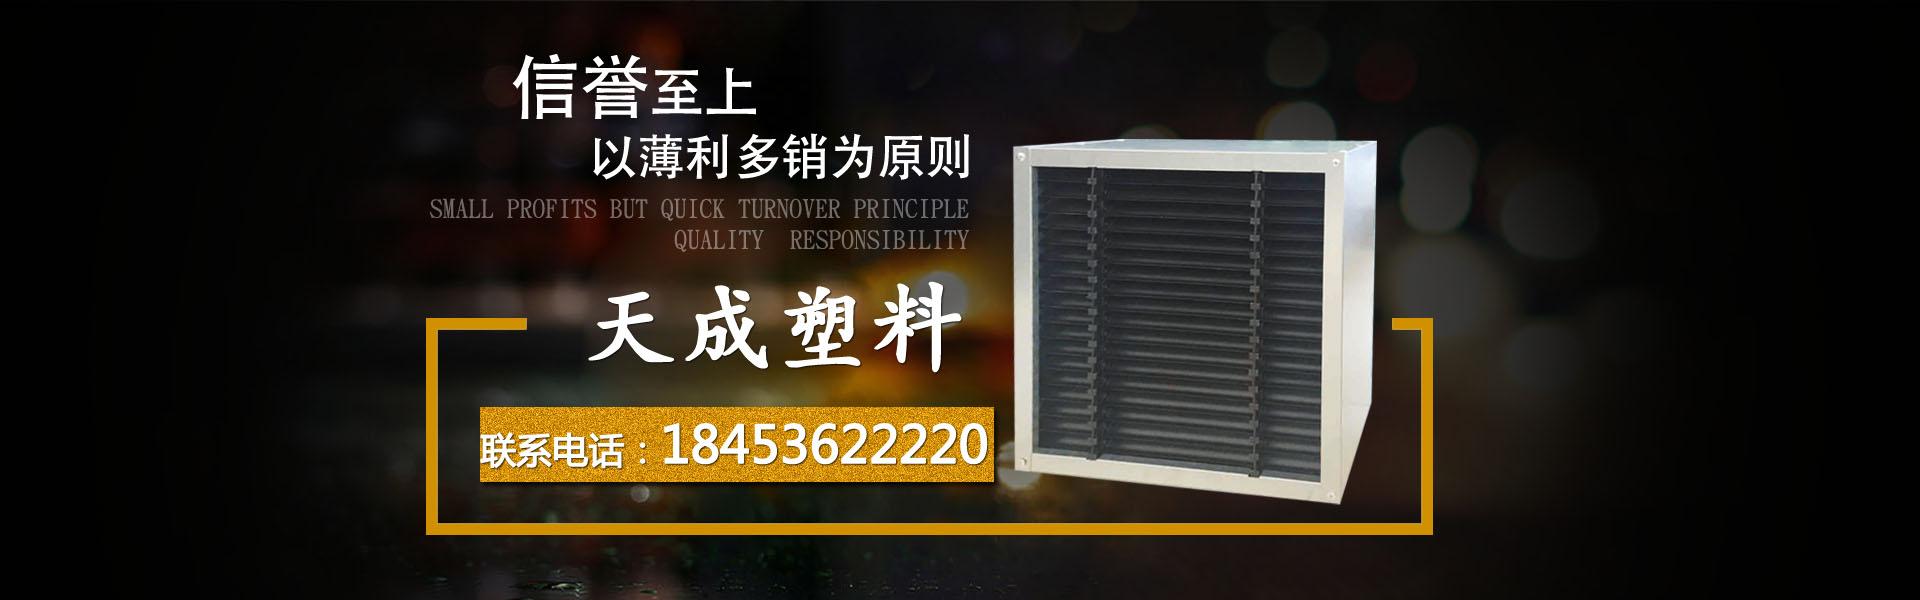 青州市天成塑料制品厂